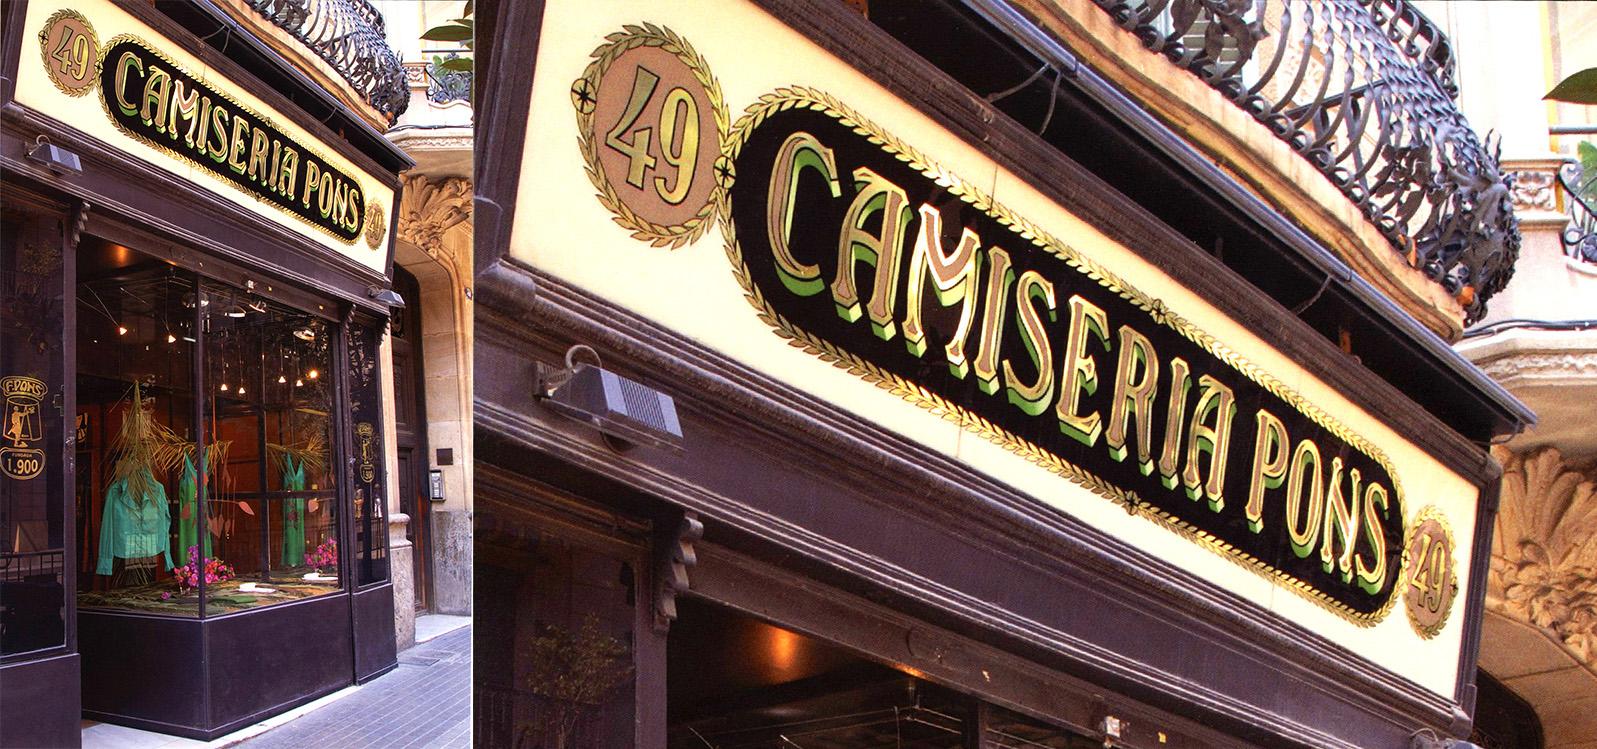 Uno de los mejores rótulos de #Barcelona y Europa: Camisería Pons (1900-2015) Cristal grabado, pintado y pan de oro. Autor desconocido. — en Península ibérica.